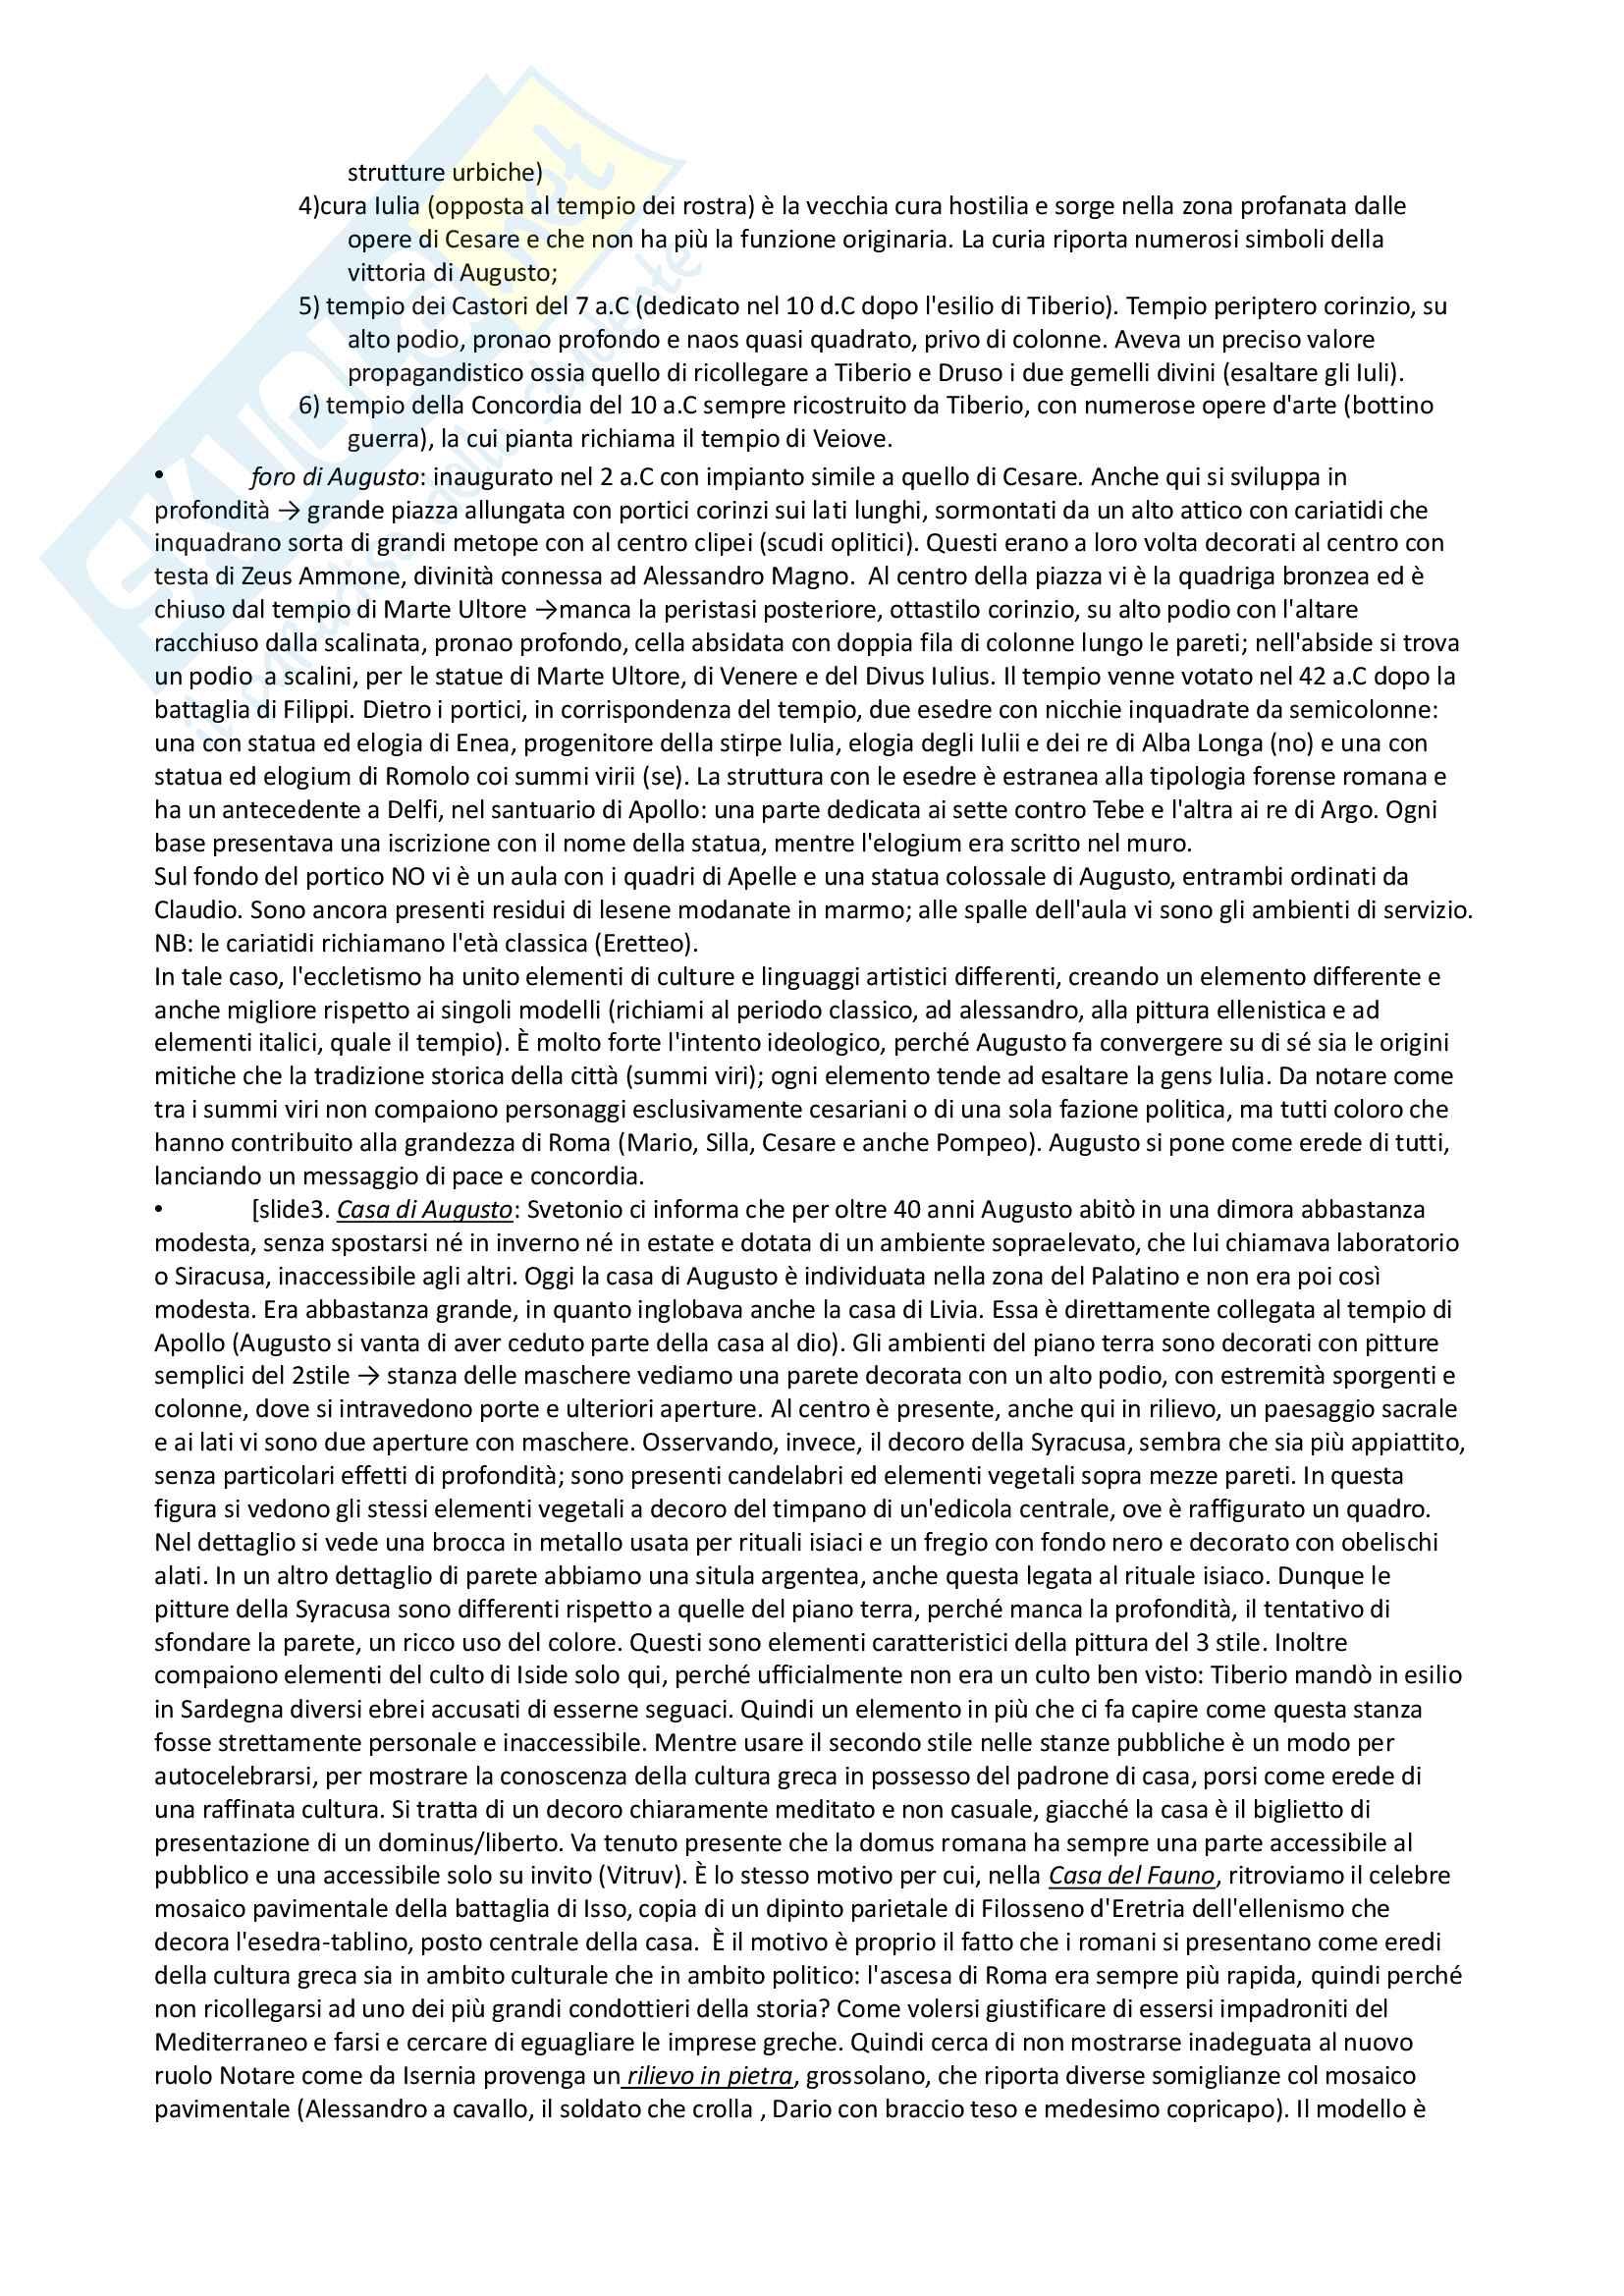 Riassunto esame archeologia romana, prof. Angiolillo, testo consigliato L'Arte dell'Antichità Classica (Etruria Roma) di Bianchi Bandinelli, Torelli Pag. 16